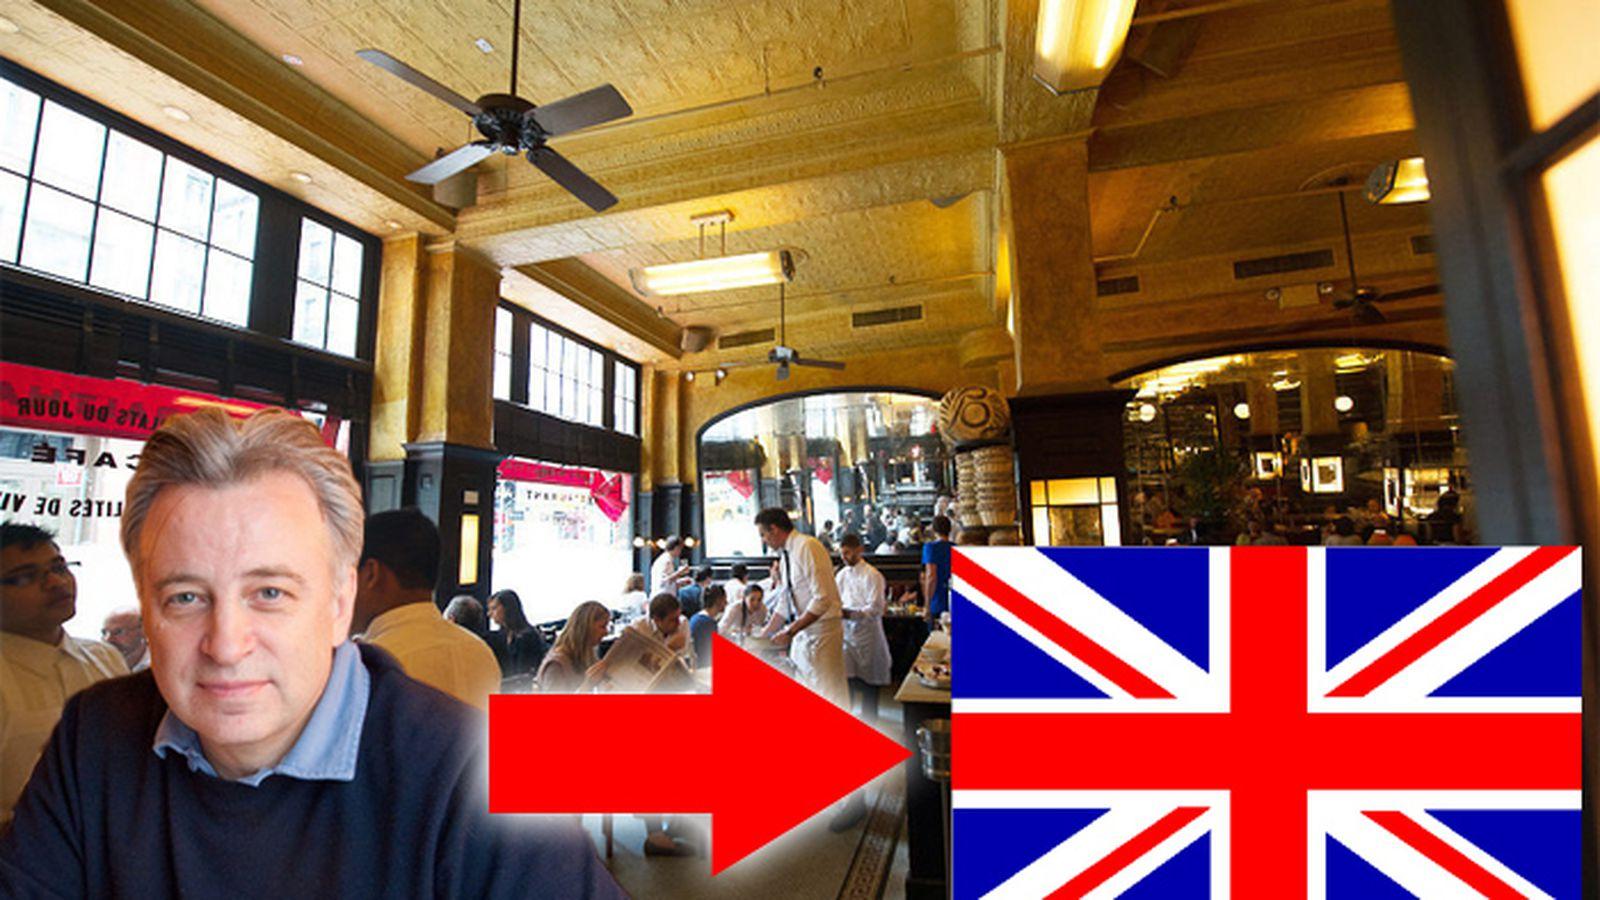 Keith mcnally confirms balthazar to open in london eater for Keith mcnally